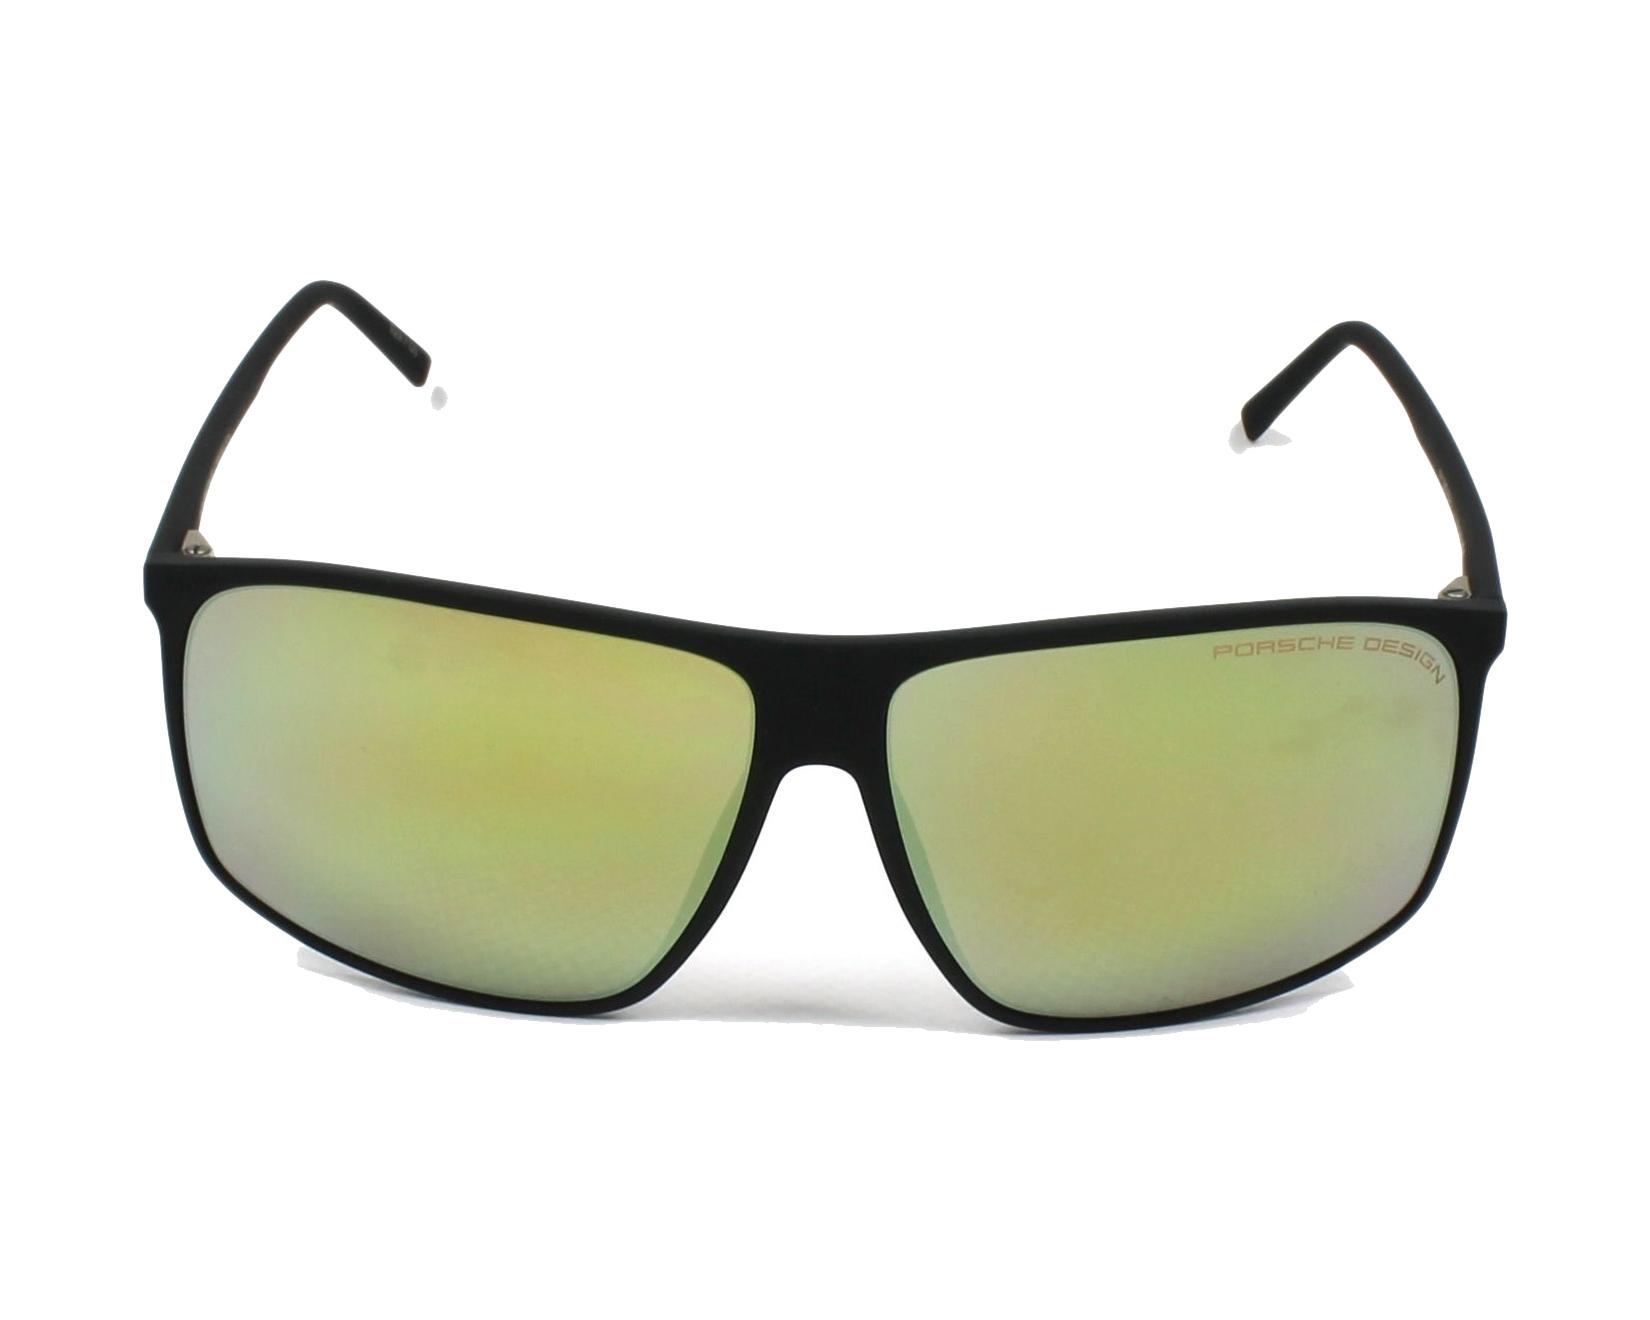 lunettes de soleil porsche design p 8594 a noir avec des verres gris pour hommes. Black Bedroom Furniture Sets. Home Design Ideas